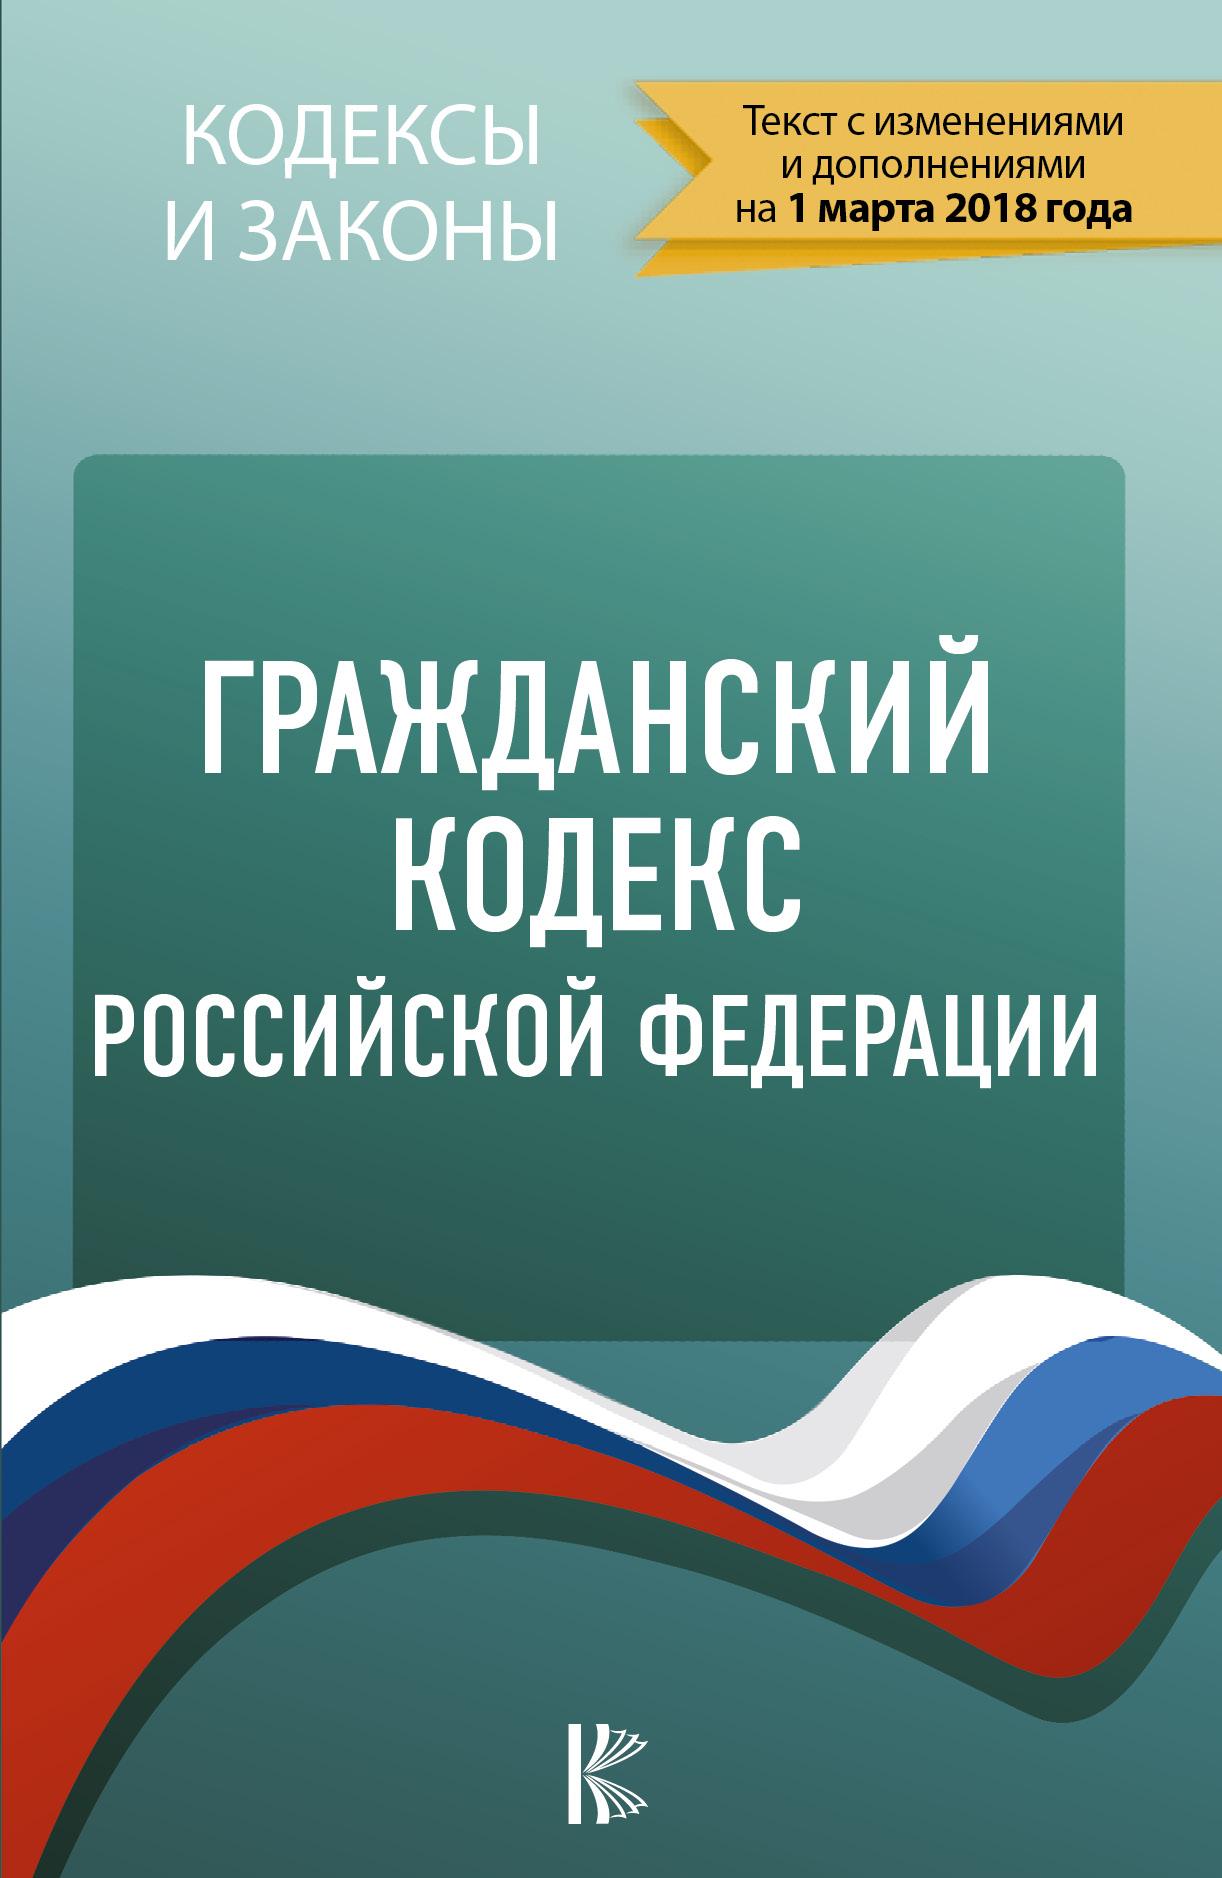 Гражданский Кодекс Российской Федерации. По состоянию на 01.03.2018 г.